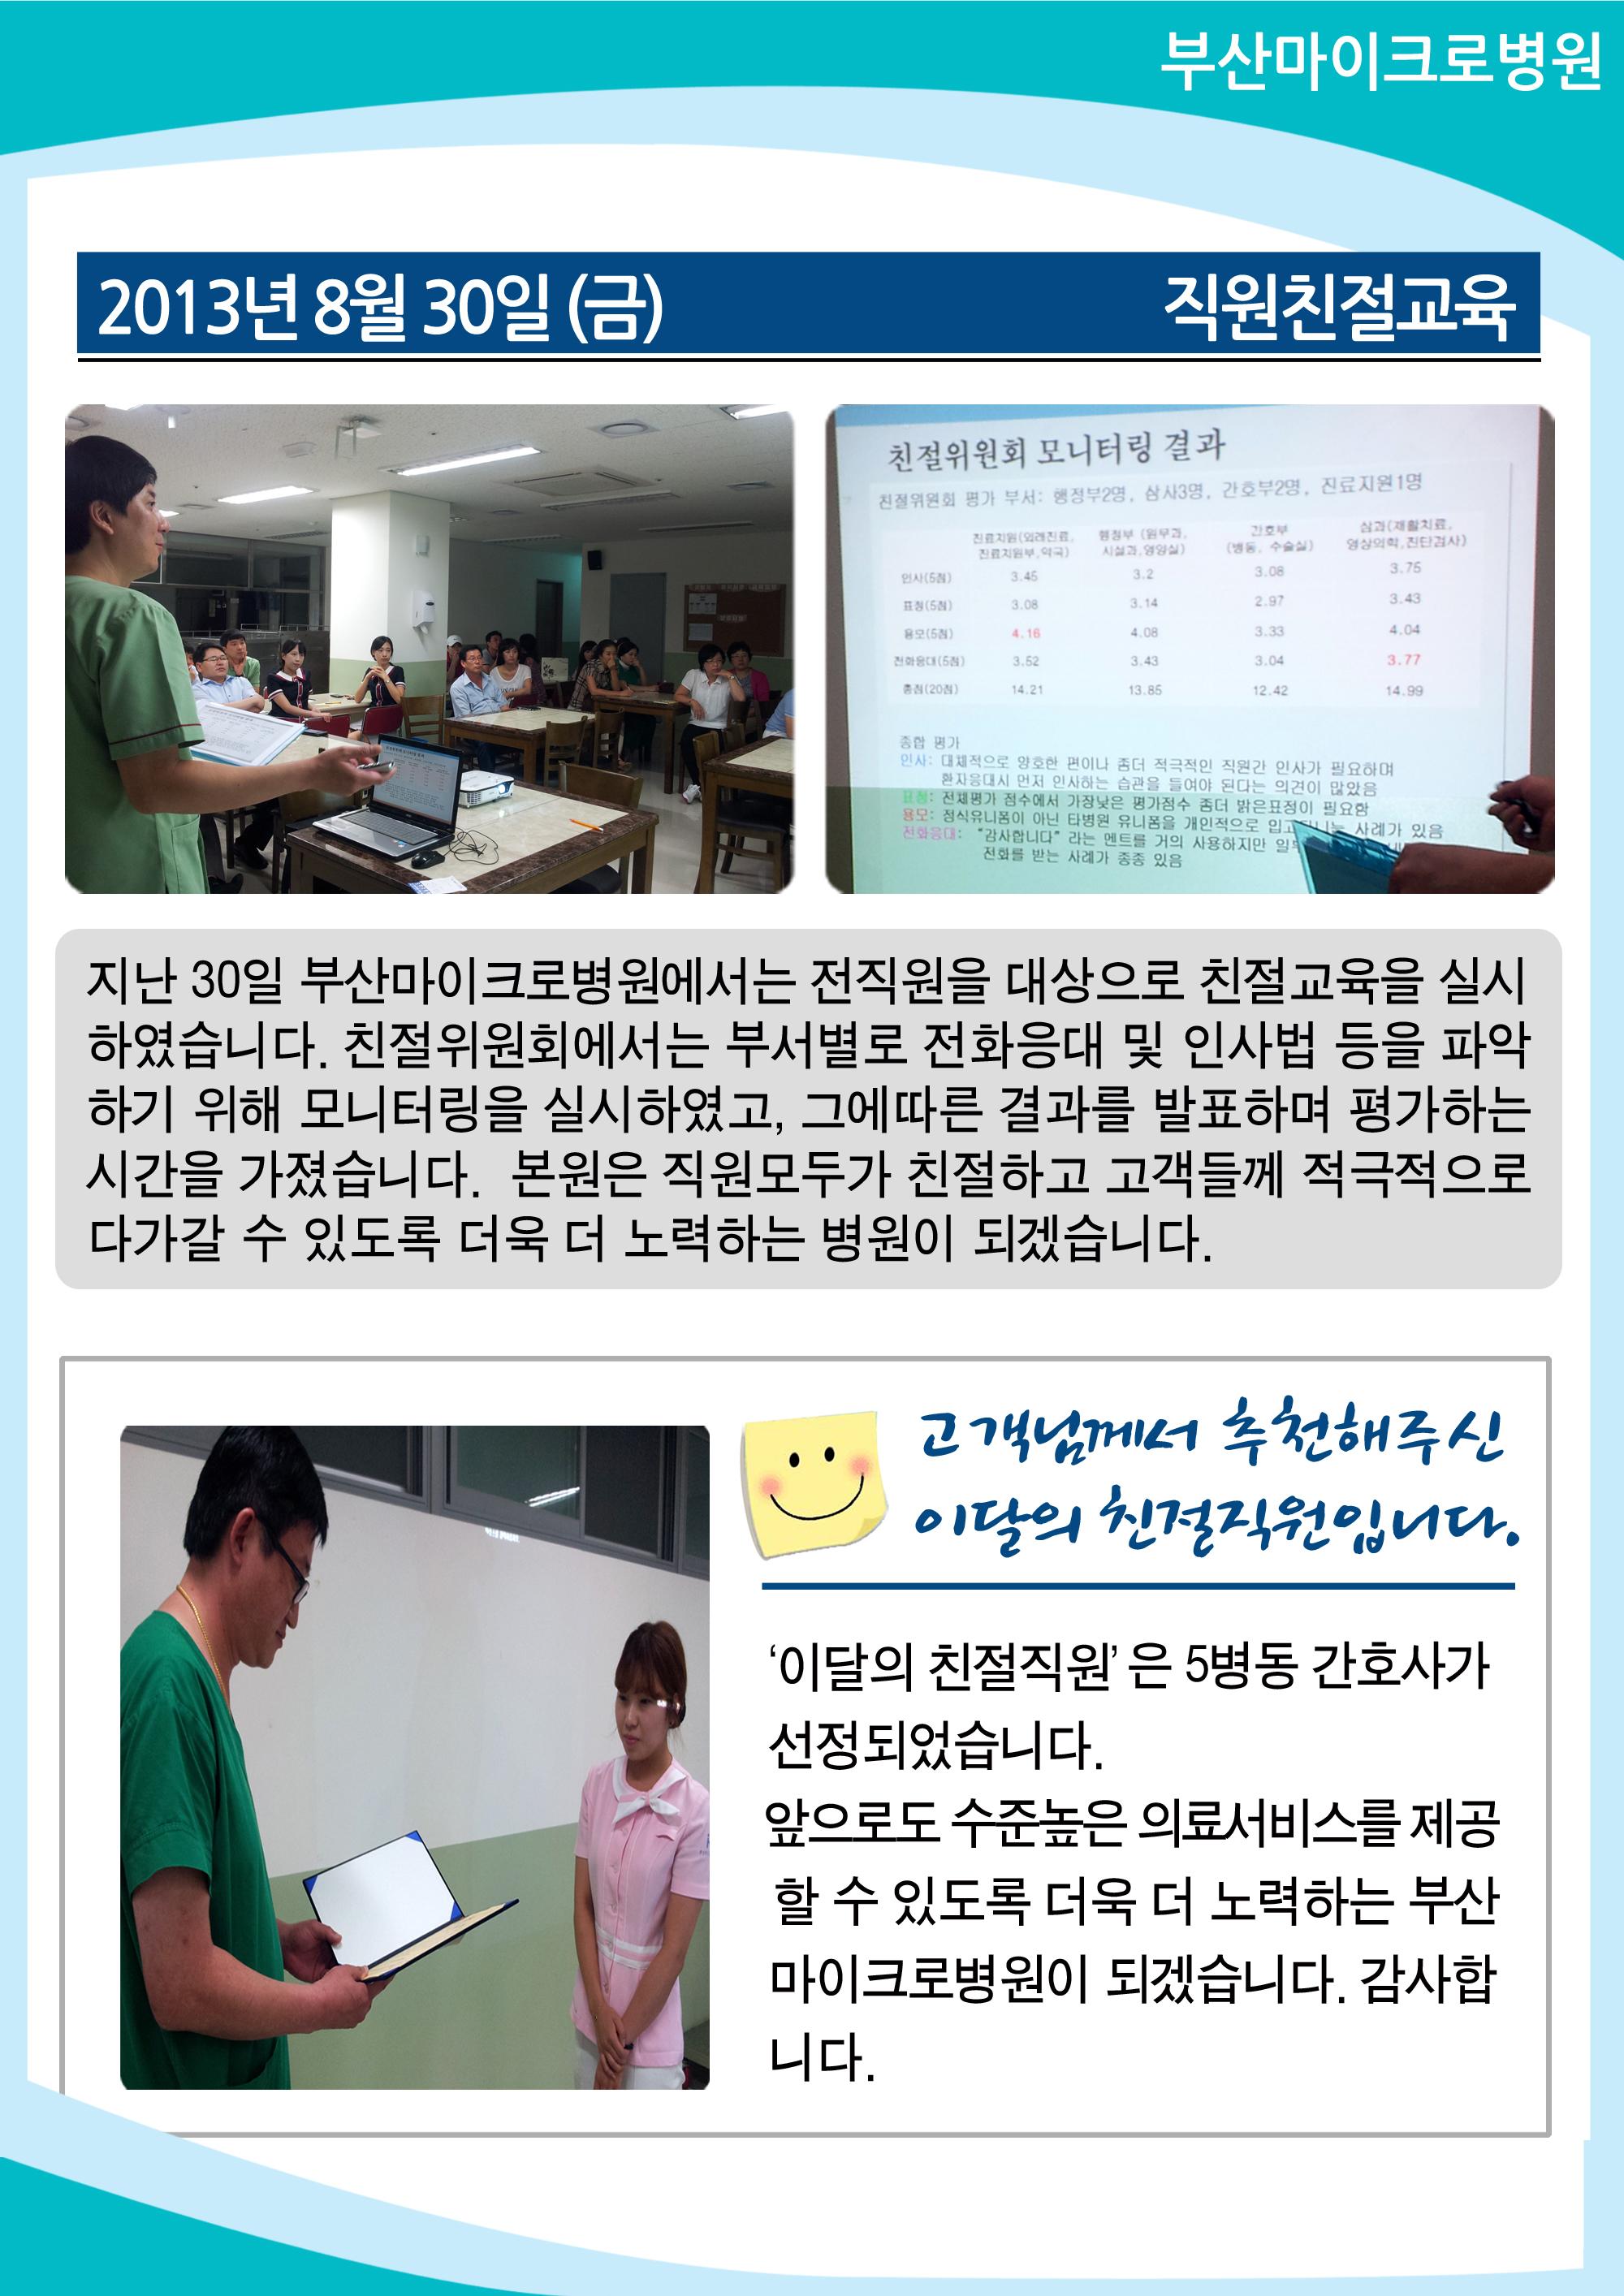 [2013.08] 직원친절교육